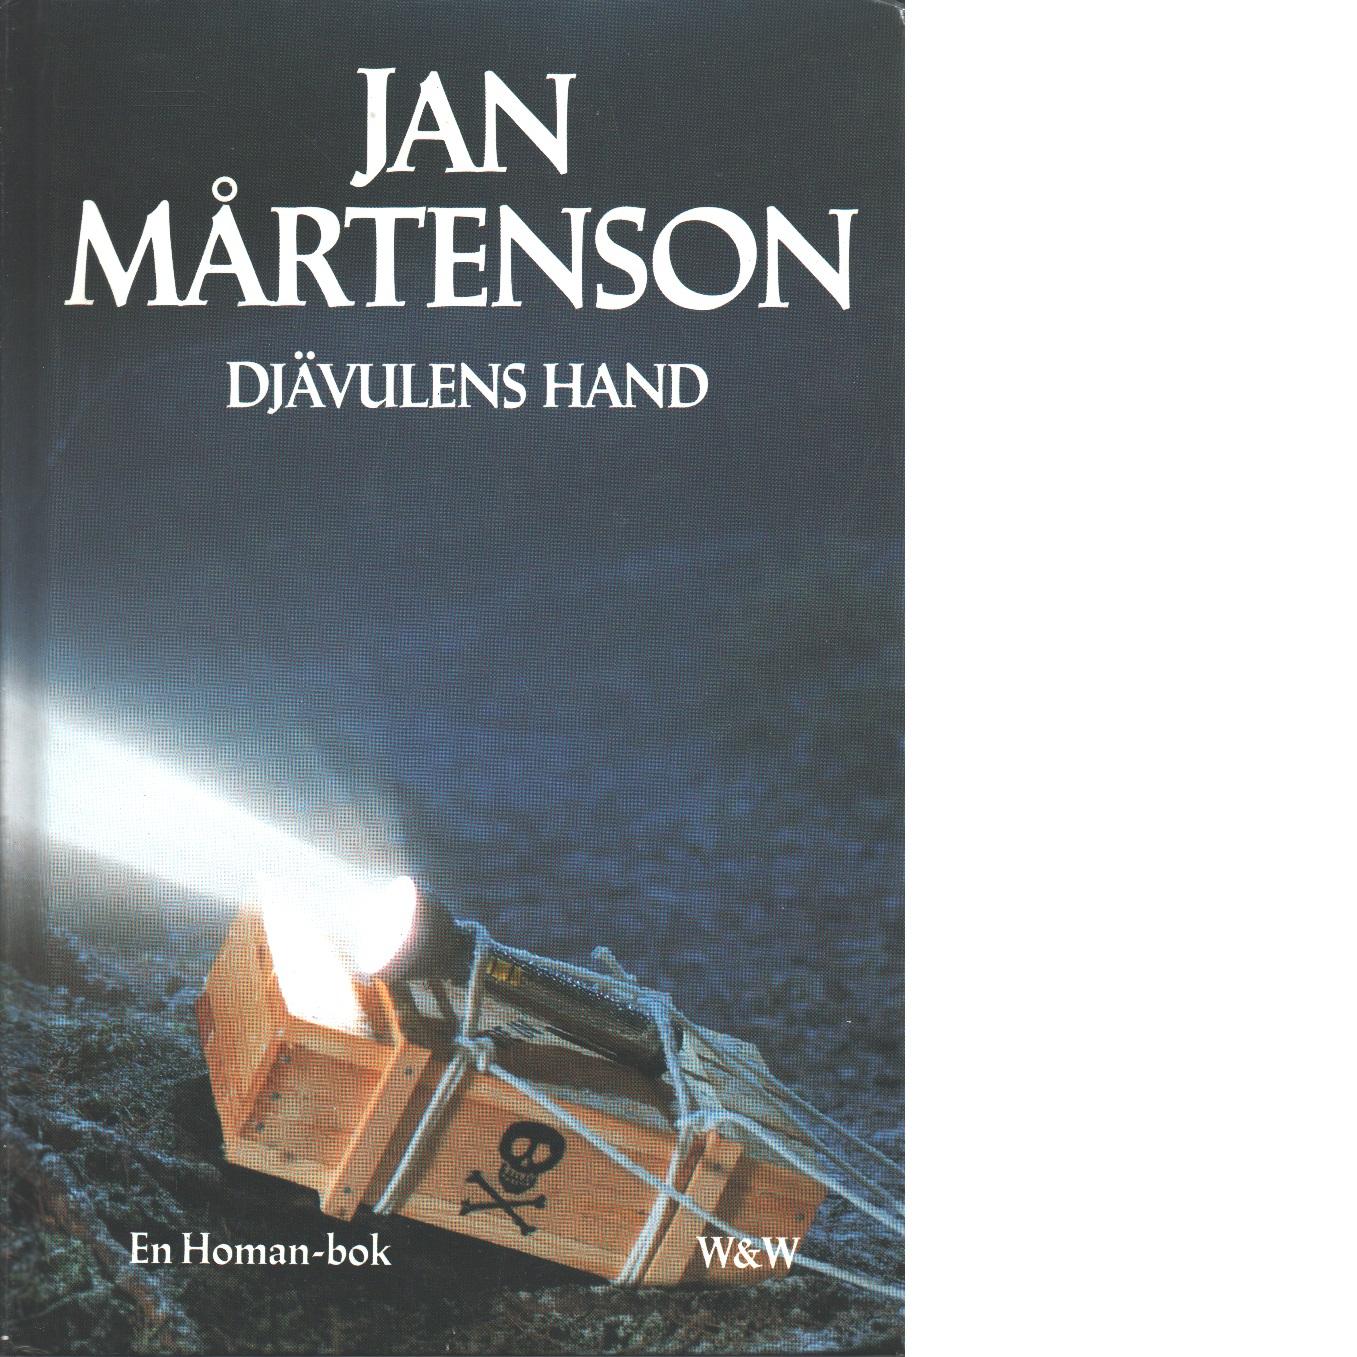 Djävulens hand - Mårtenson, Jan